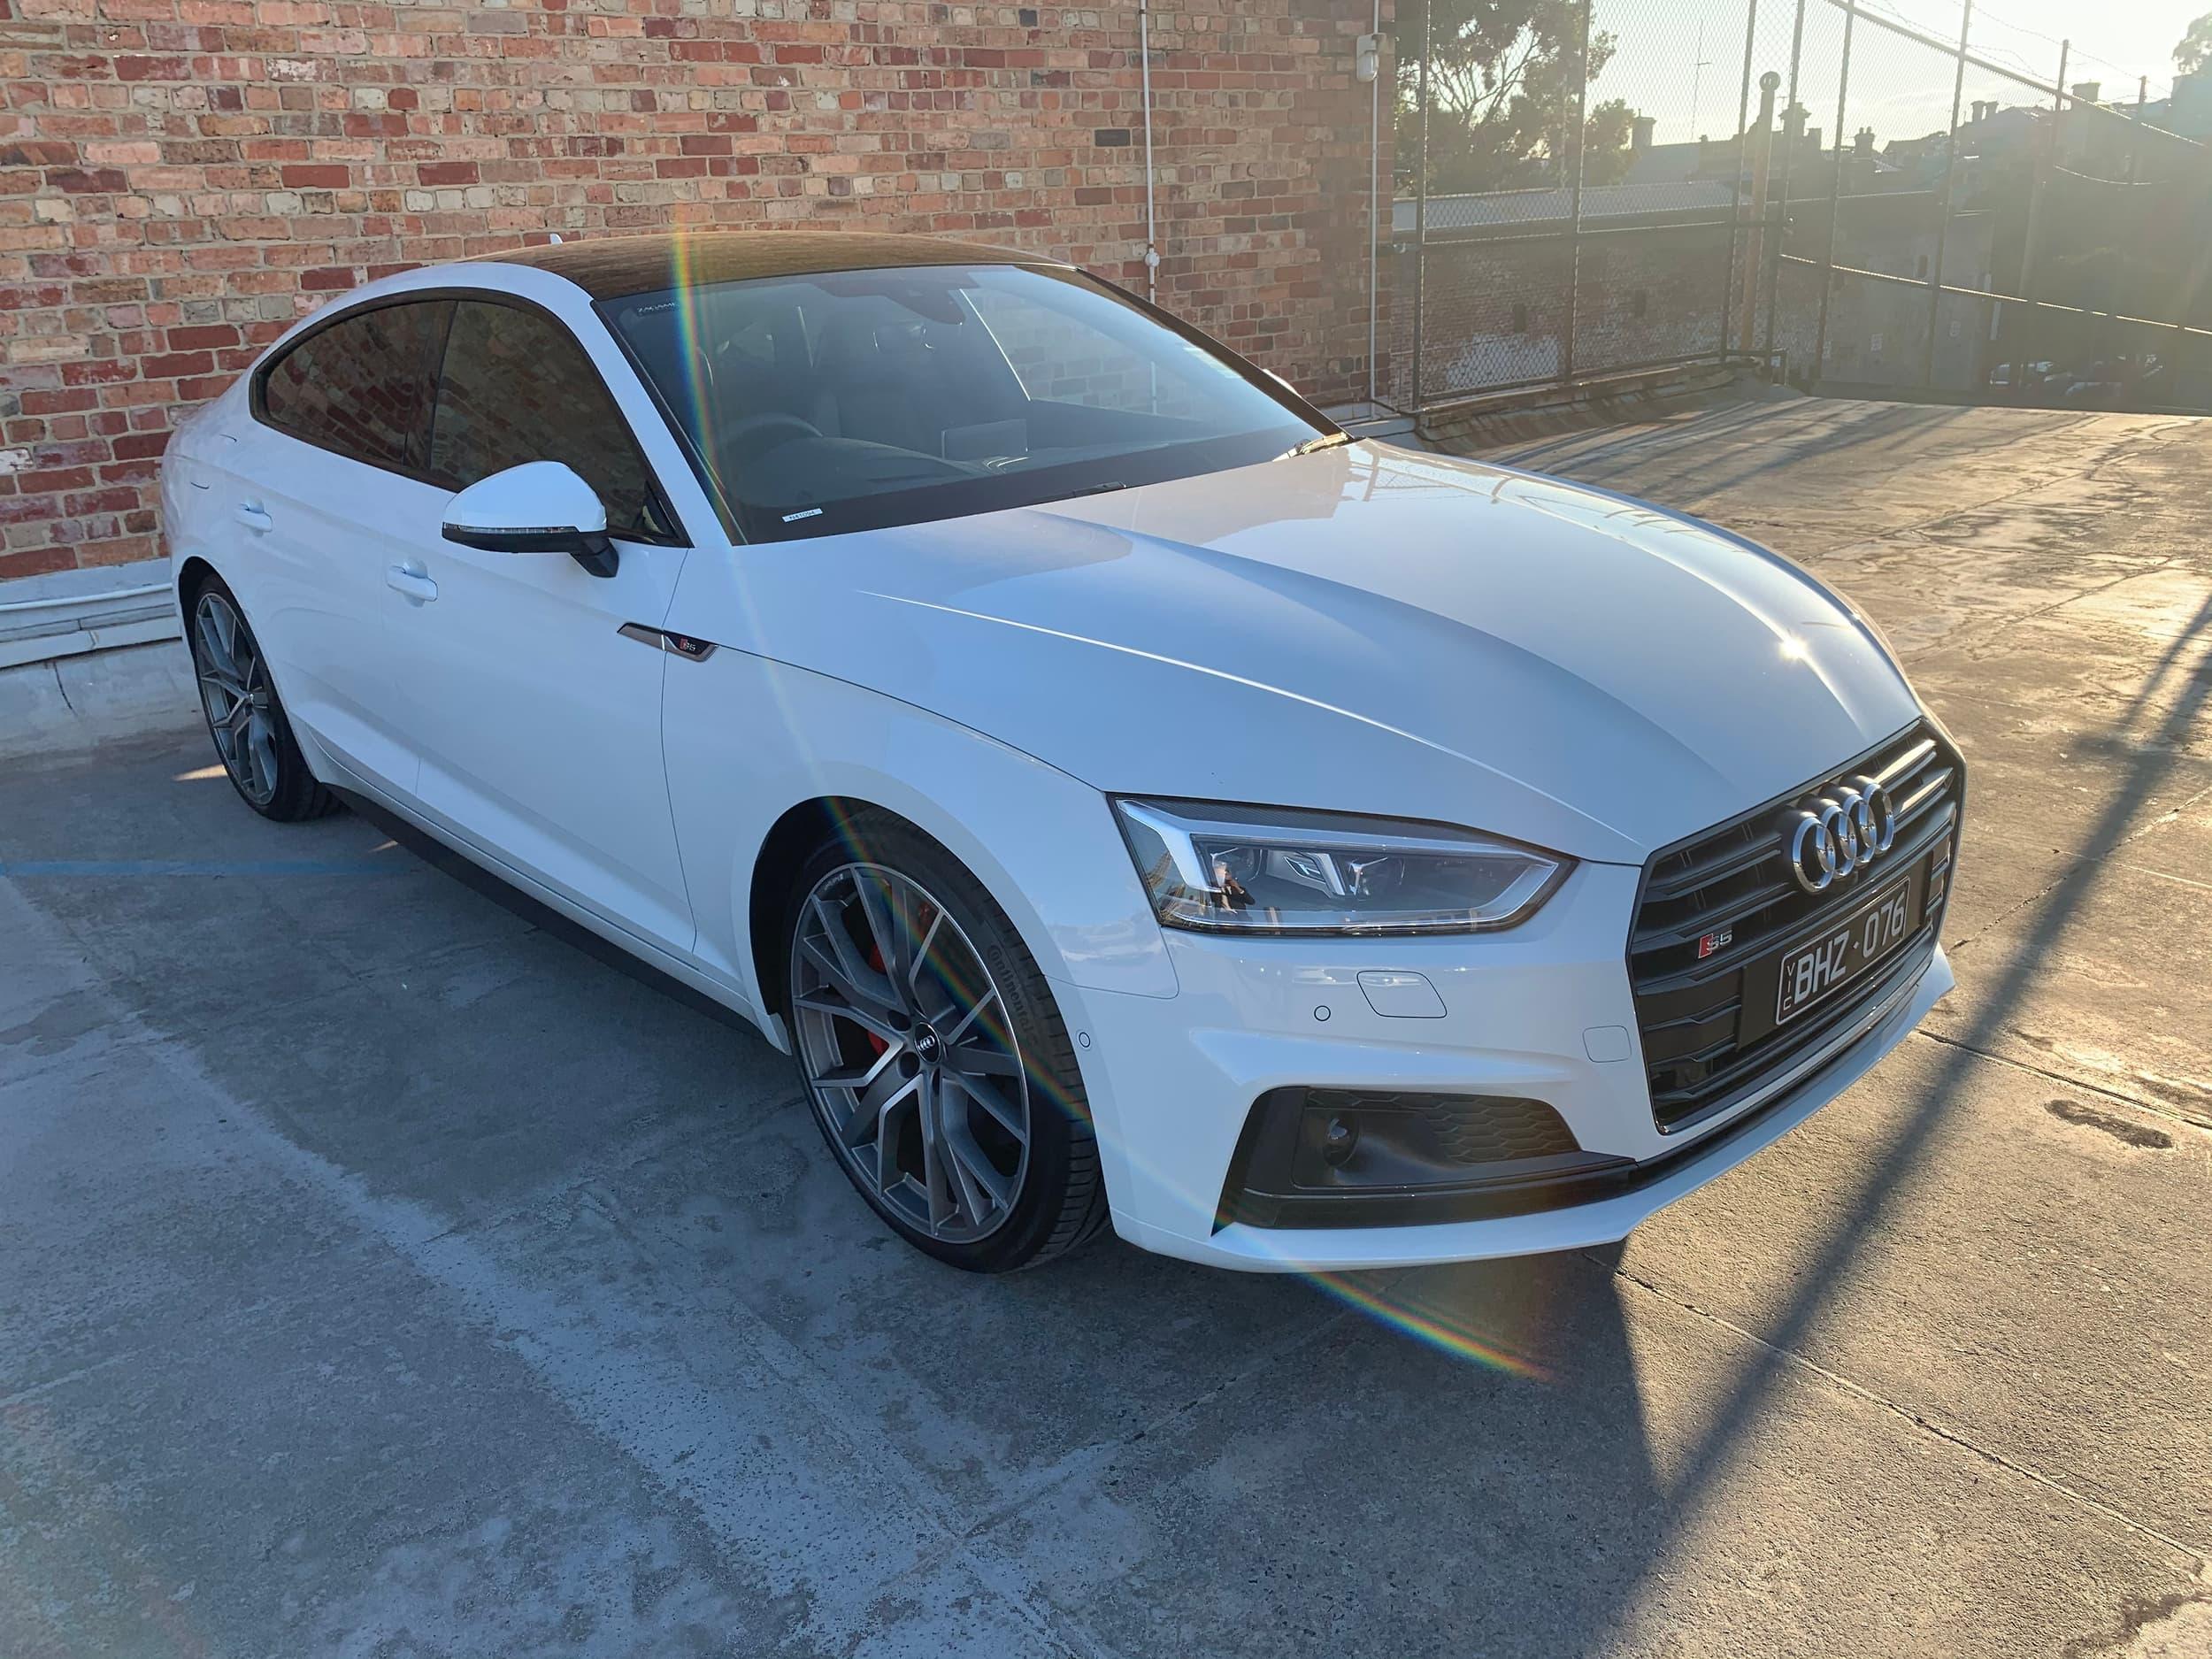 2019 Audi S5 Auto quattro MY19 - image 4